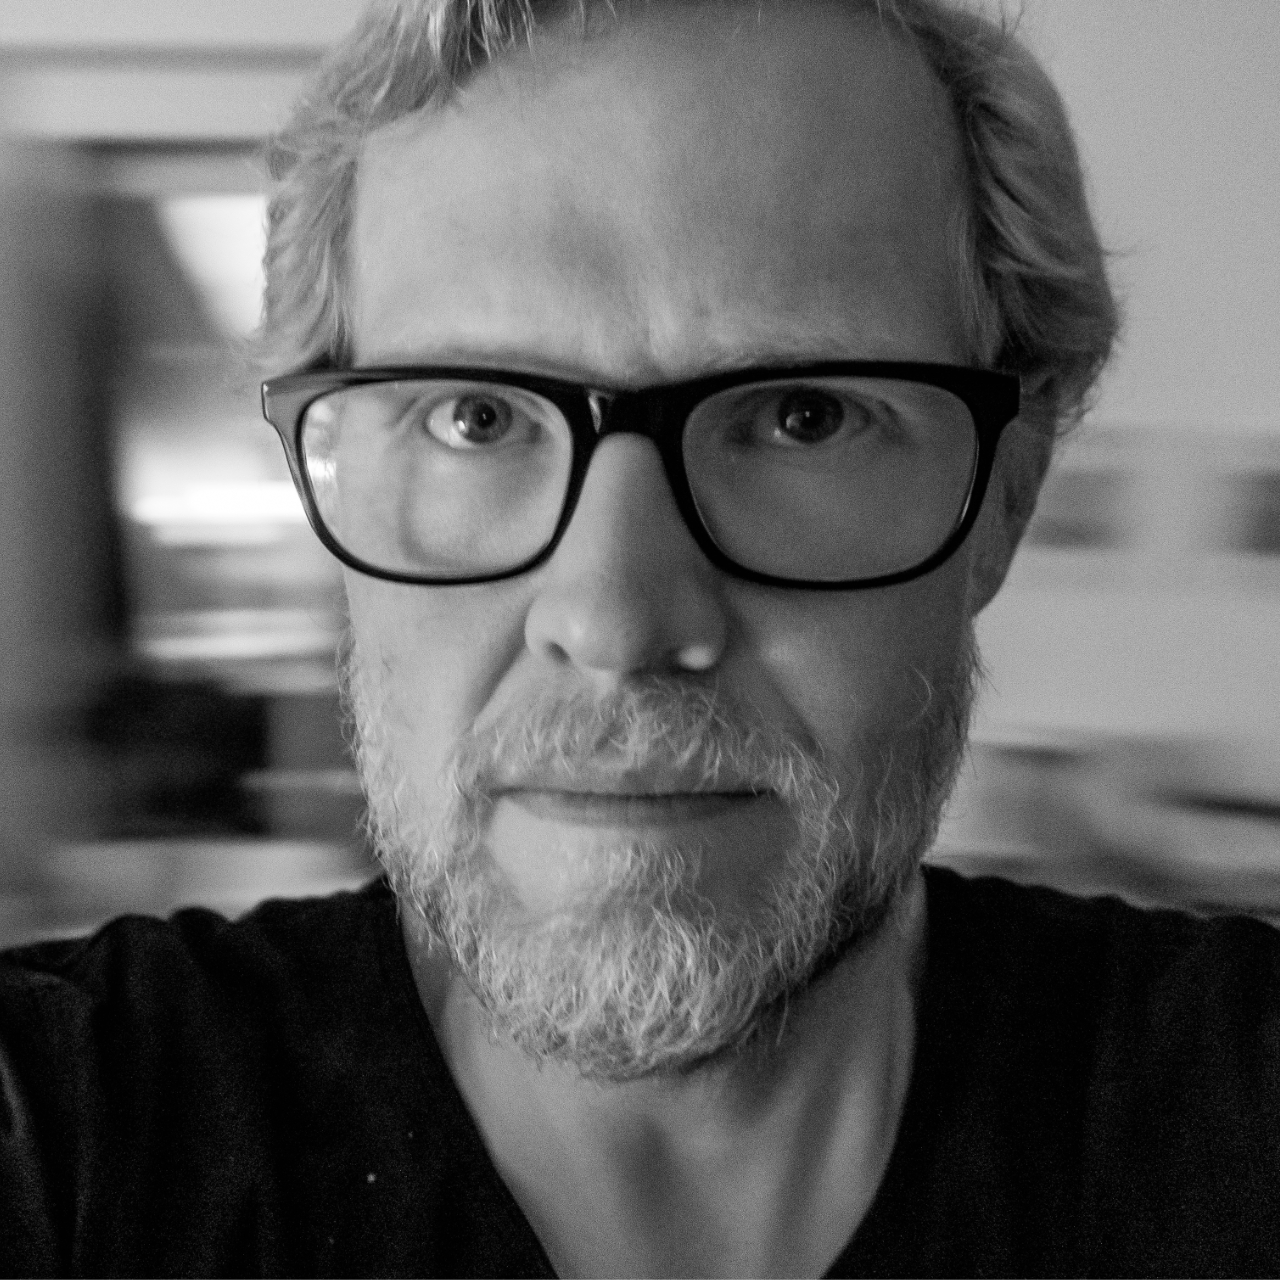 Markus Kink